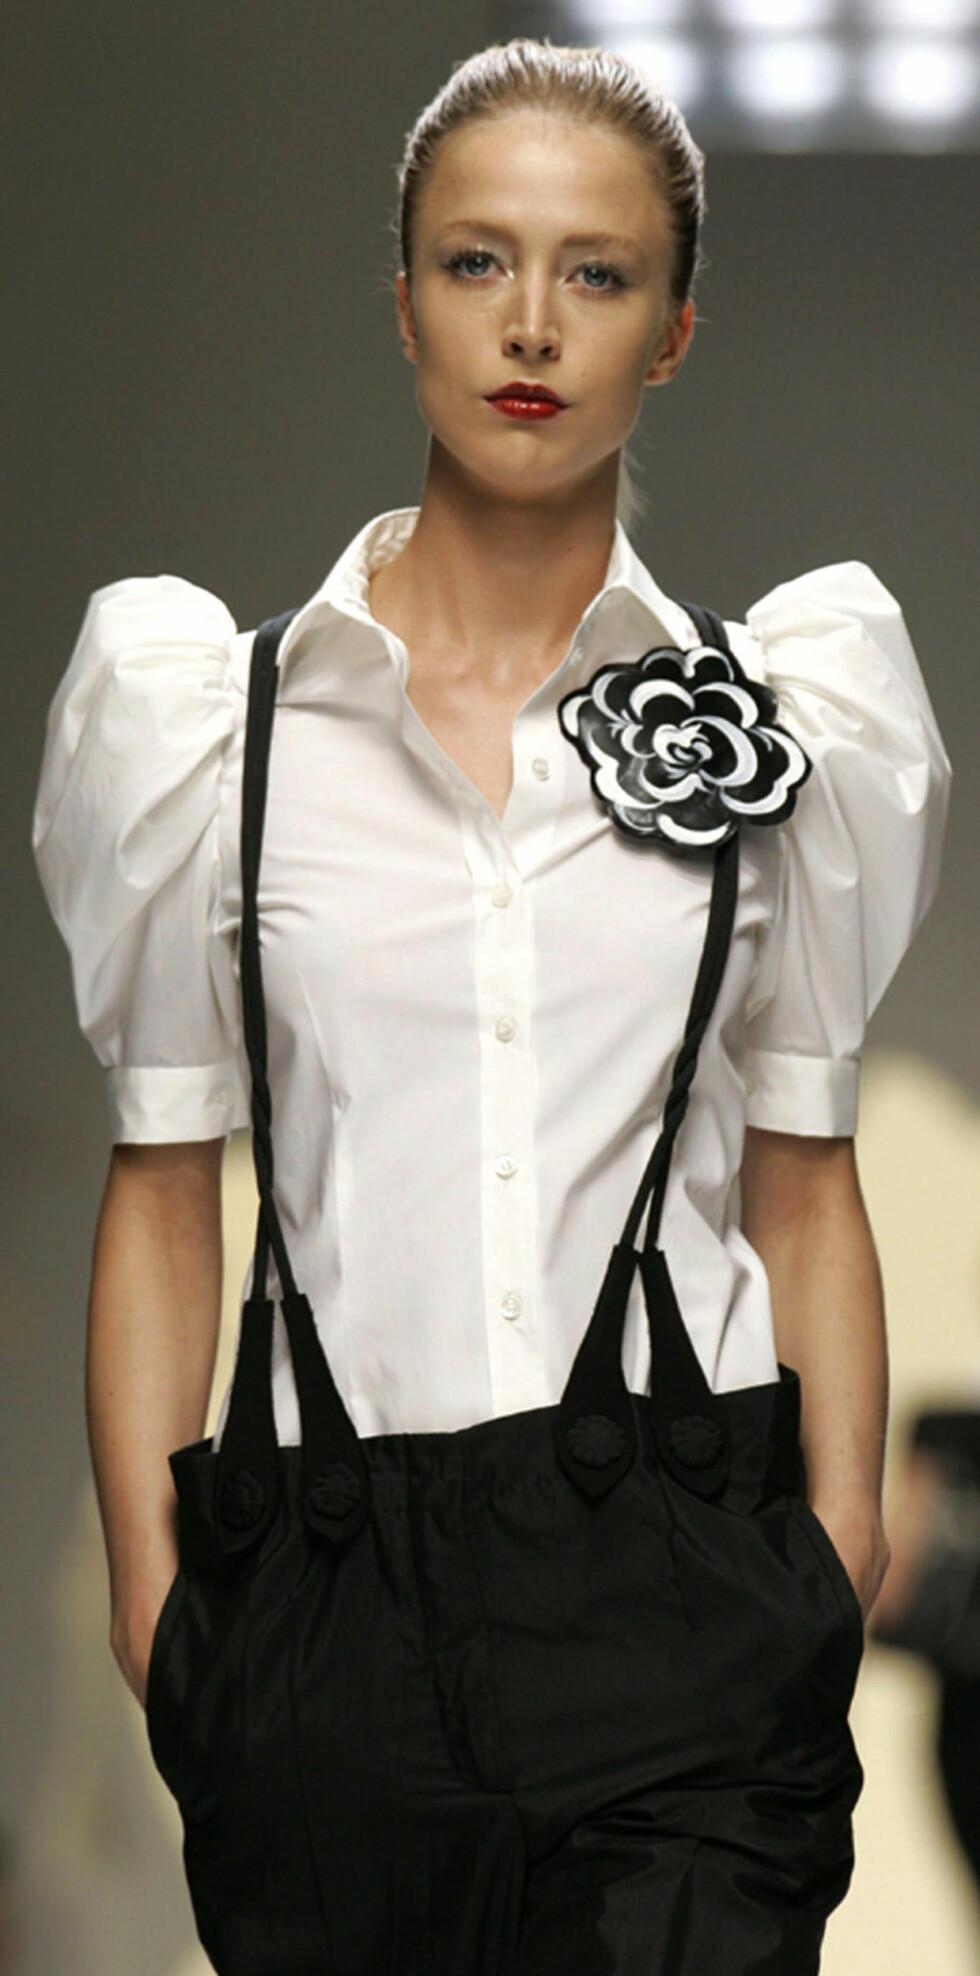 Lær trendtriksene- kle deg kontrastfullt.